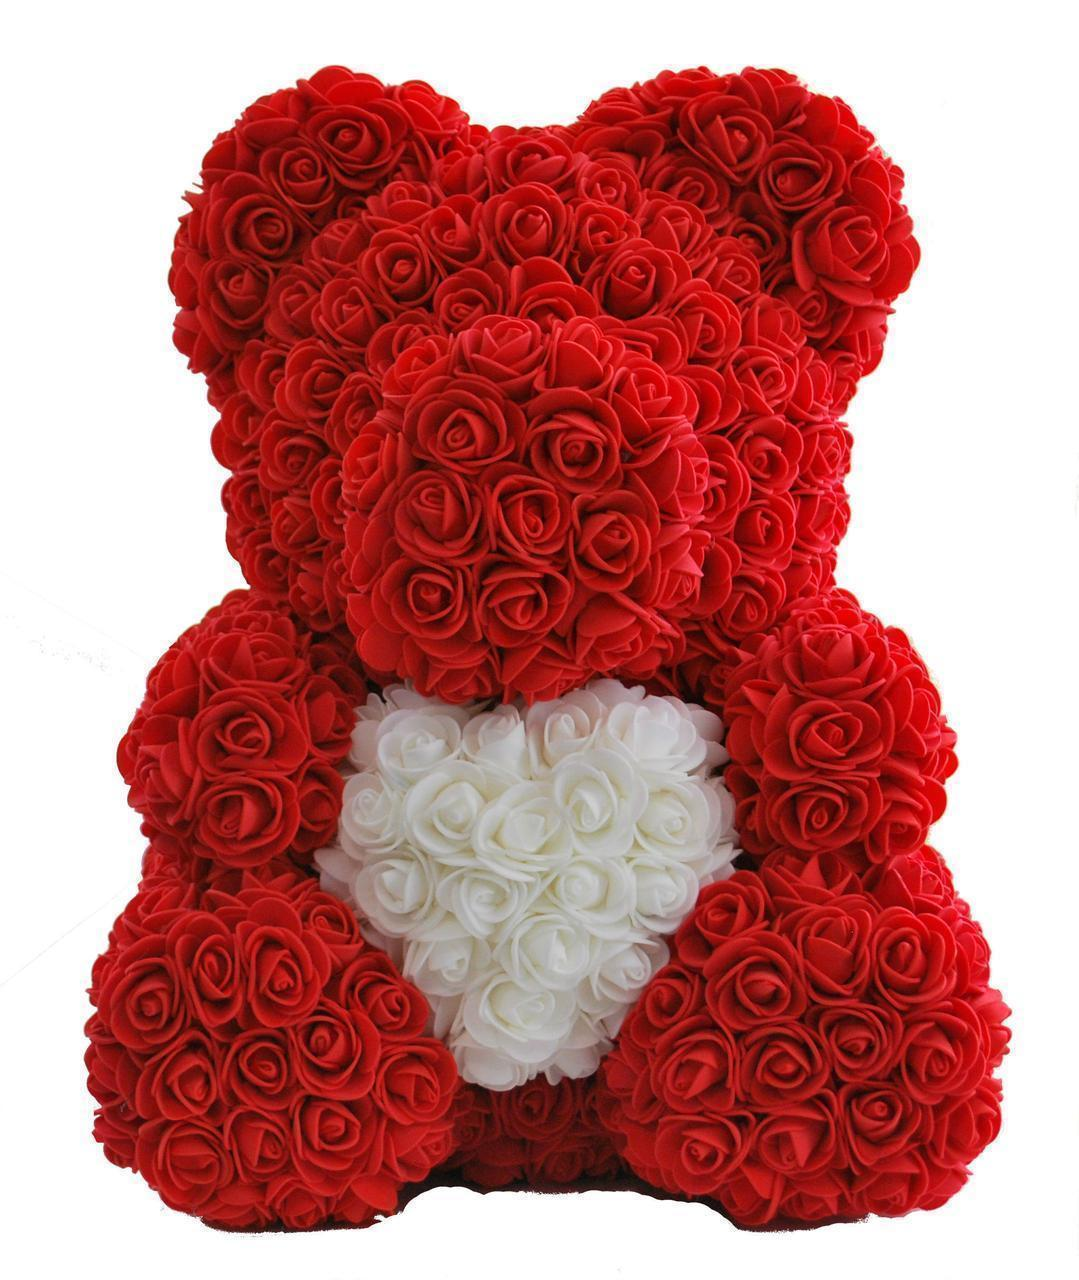 Мишка из мягких роз 40 см. Мишка Тедди из фоамирановых 3D роз.Латексный 3D мишка в подарочной упаковке.